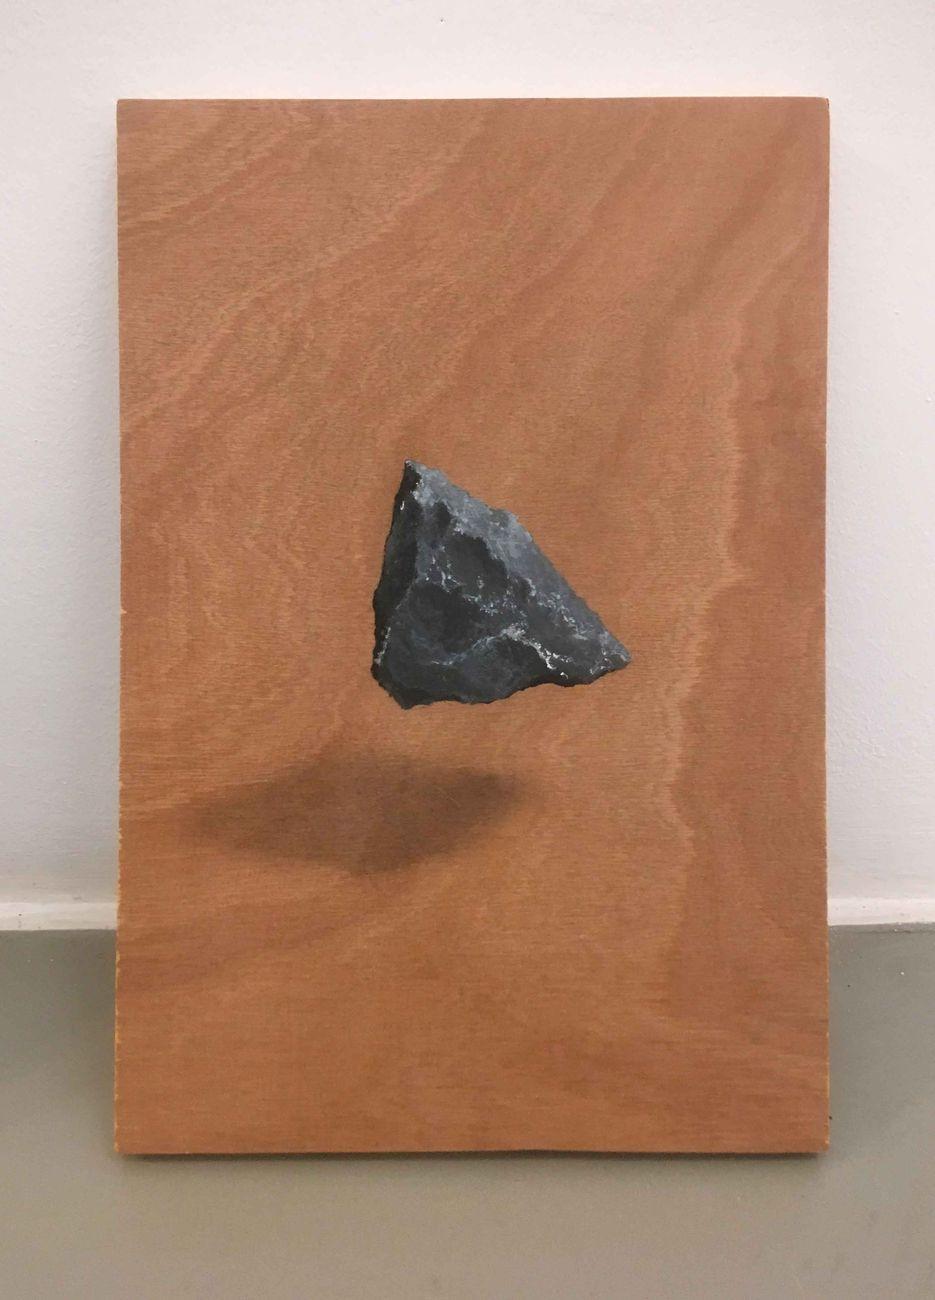 Floating Object, 2018, acrilico e grafite su legno, cm 22x30